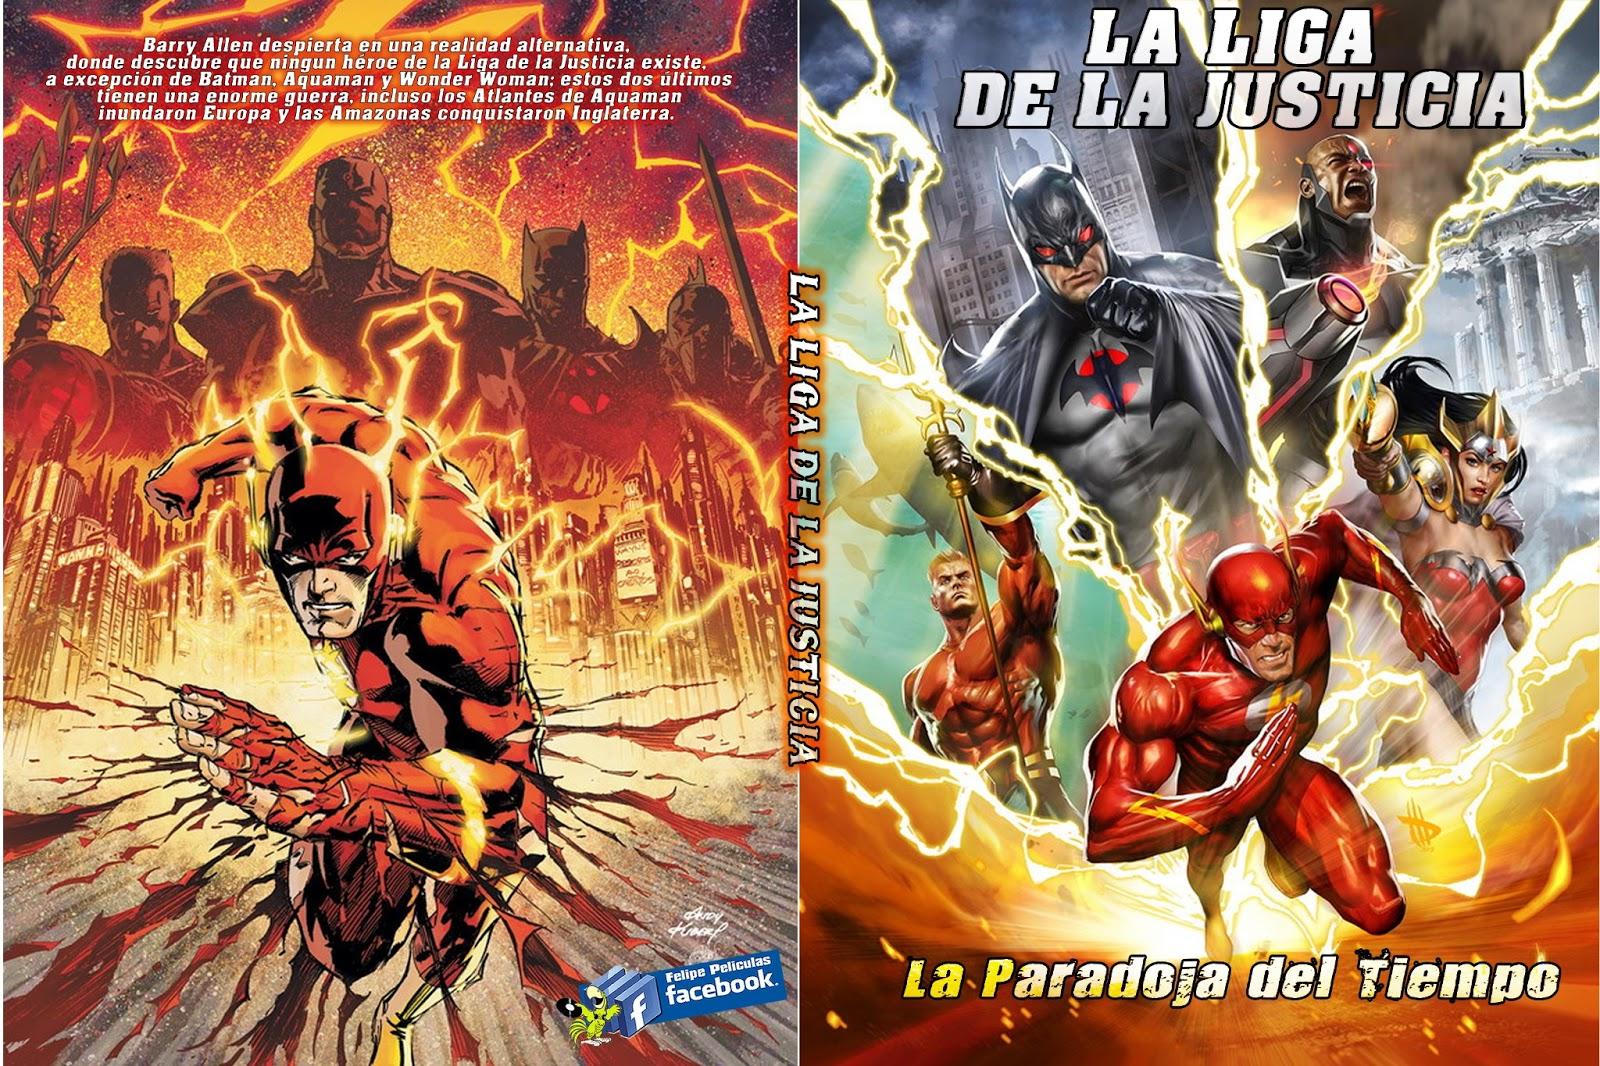 LA+LIGA+DE+LA+JUSTICIA+-+LA+PARADOJA+DEL+TIEMPO - [DCU-52] Liga de la Justicia: Paradoja del Tiempo[AVI][Latino][Mega] - Descargas en general